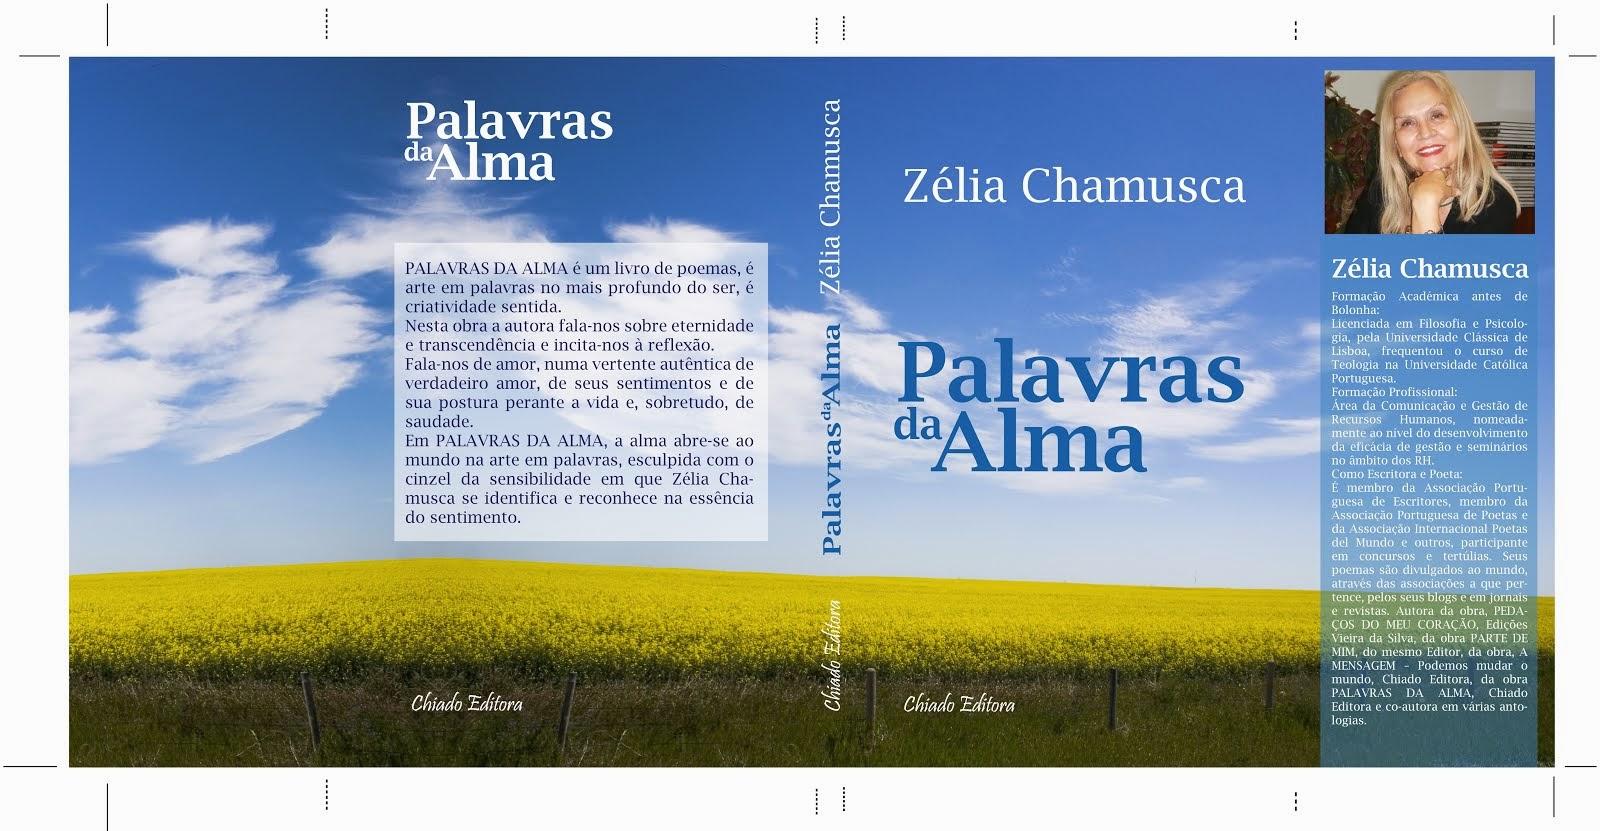 PALAVRAS DA ALMA